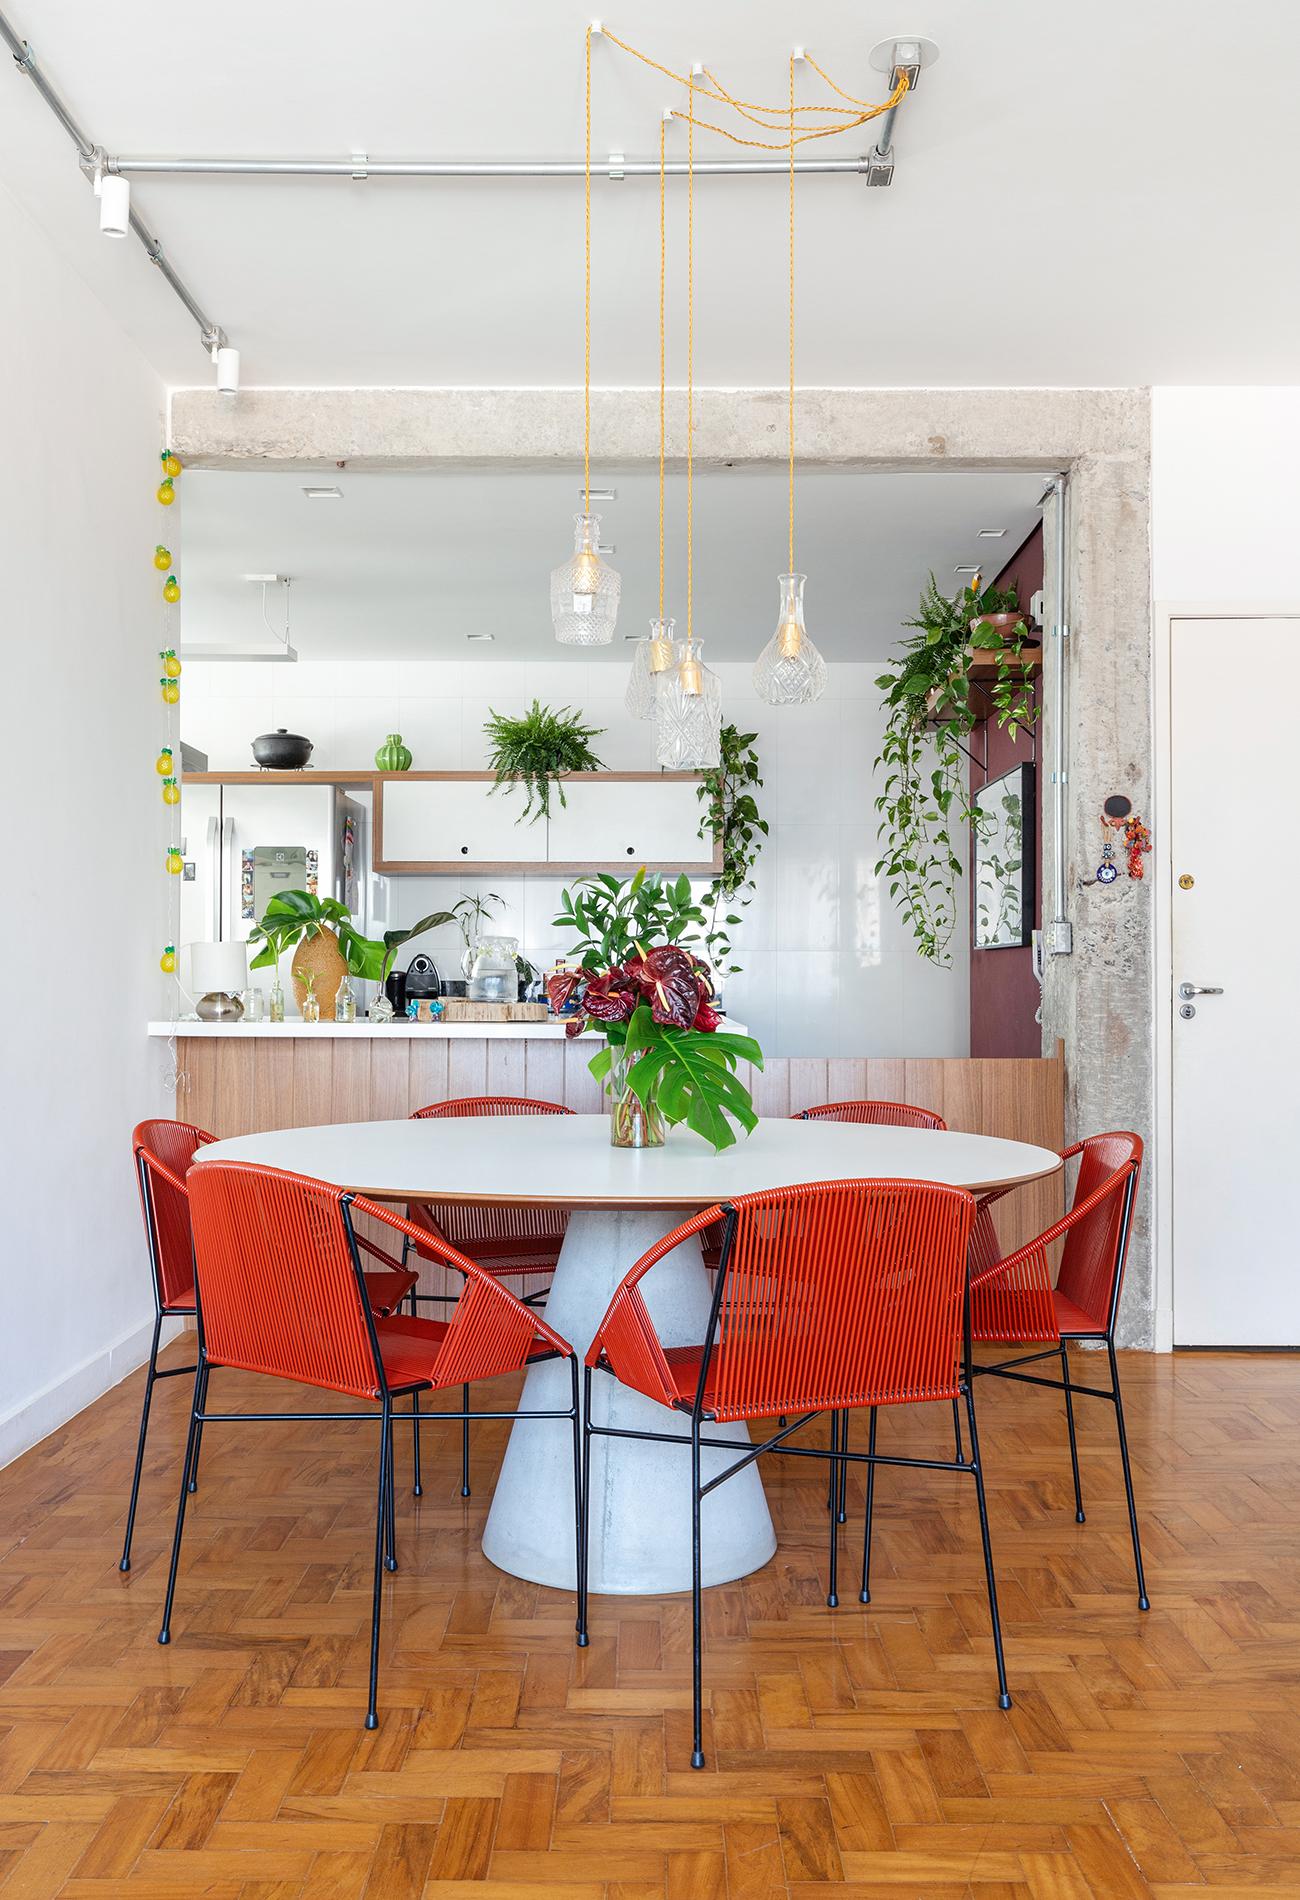 Sala Jantar cadeiras vermelhas e chão madeira